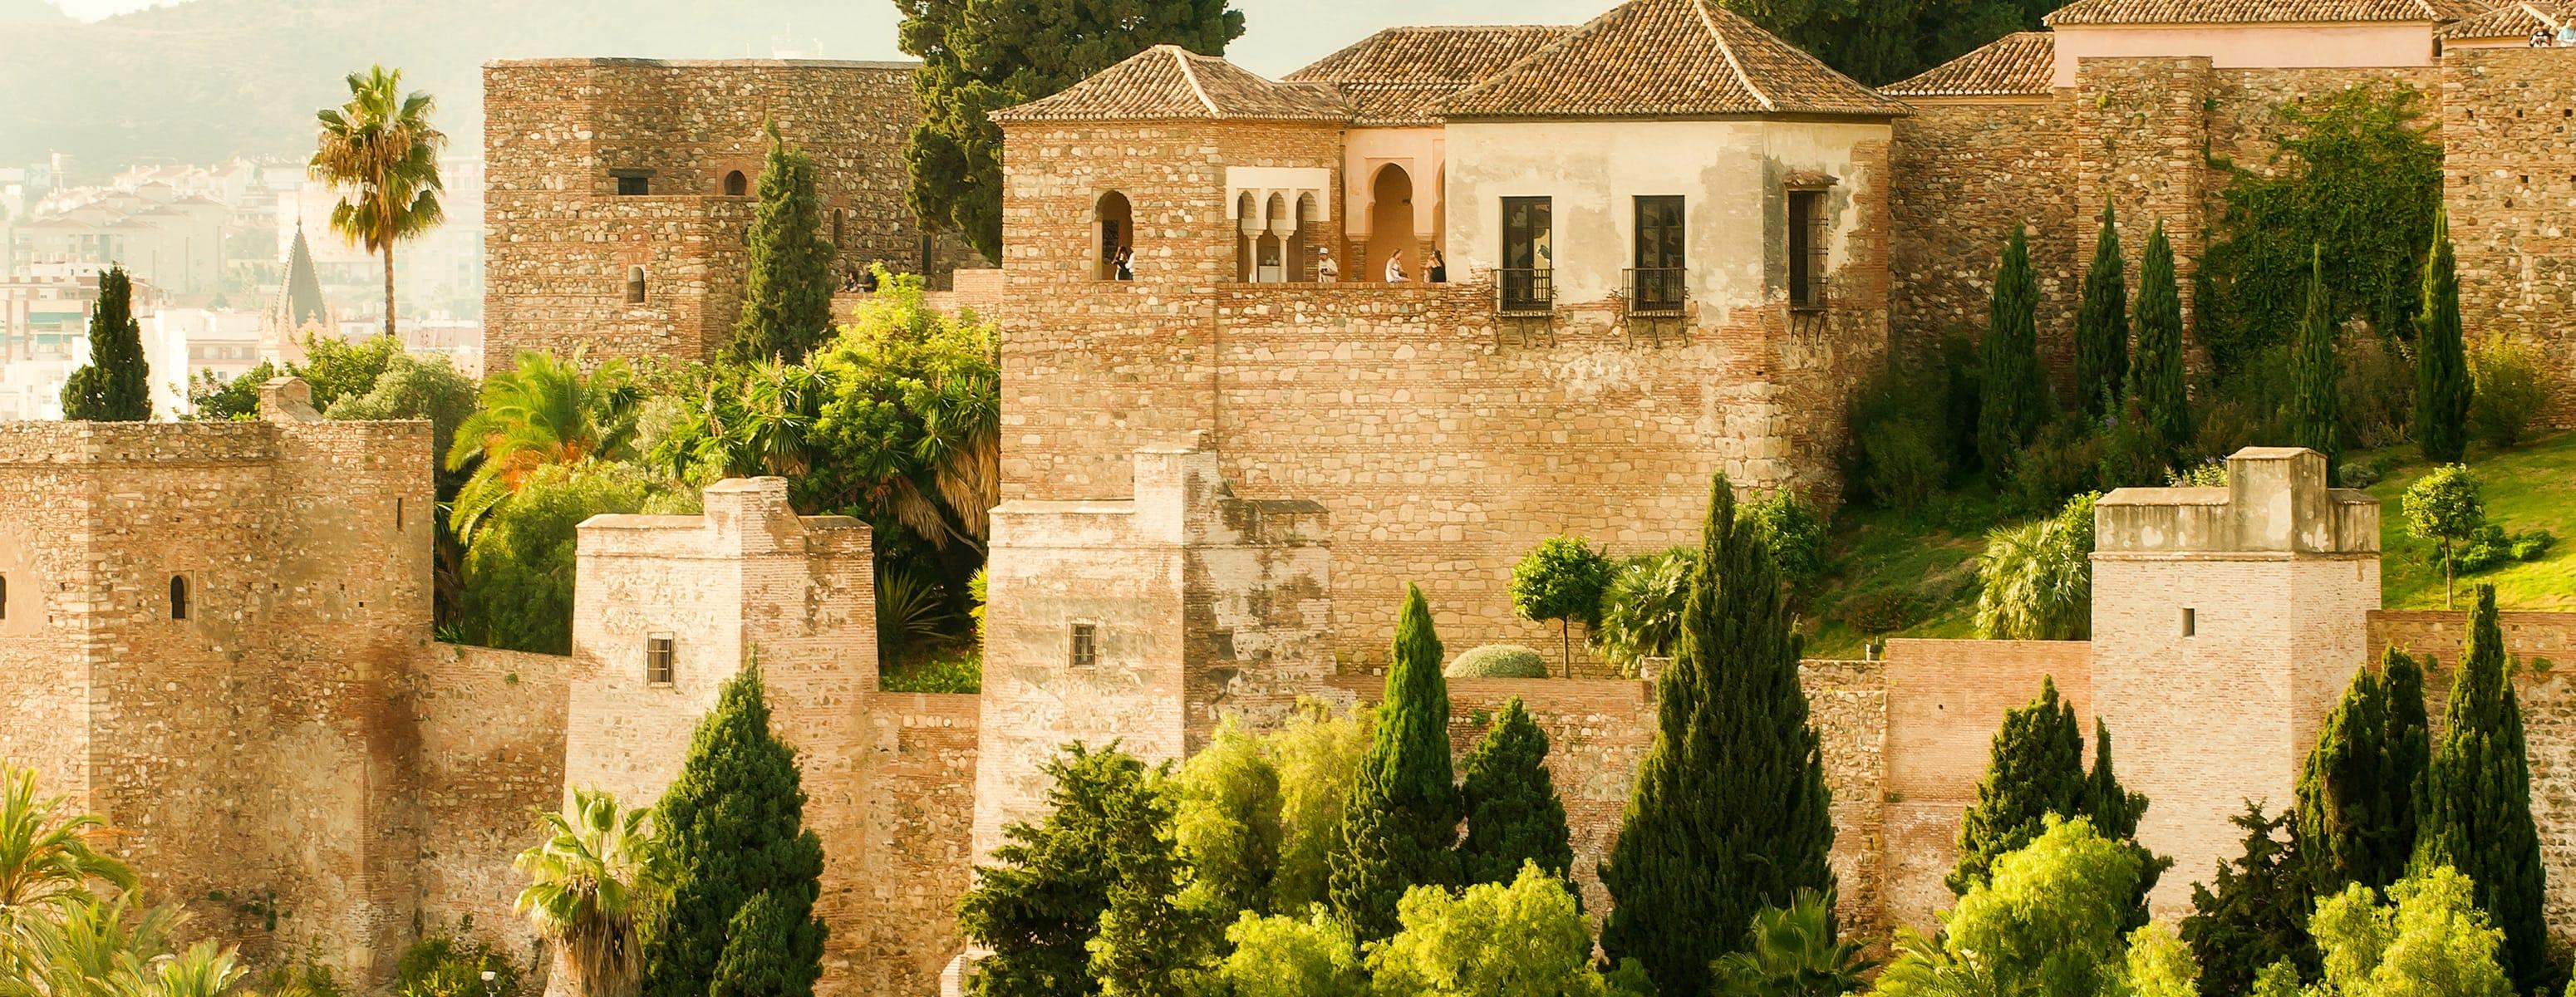 29730 Rincón de la Victoria 2018 (with Photos): Top 20 Places to ...